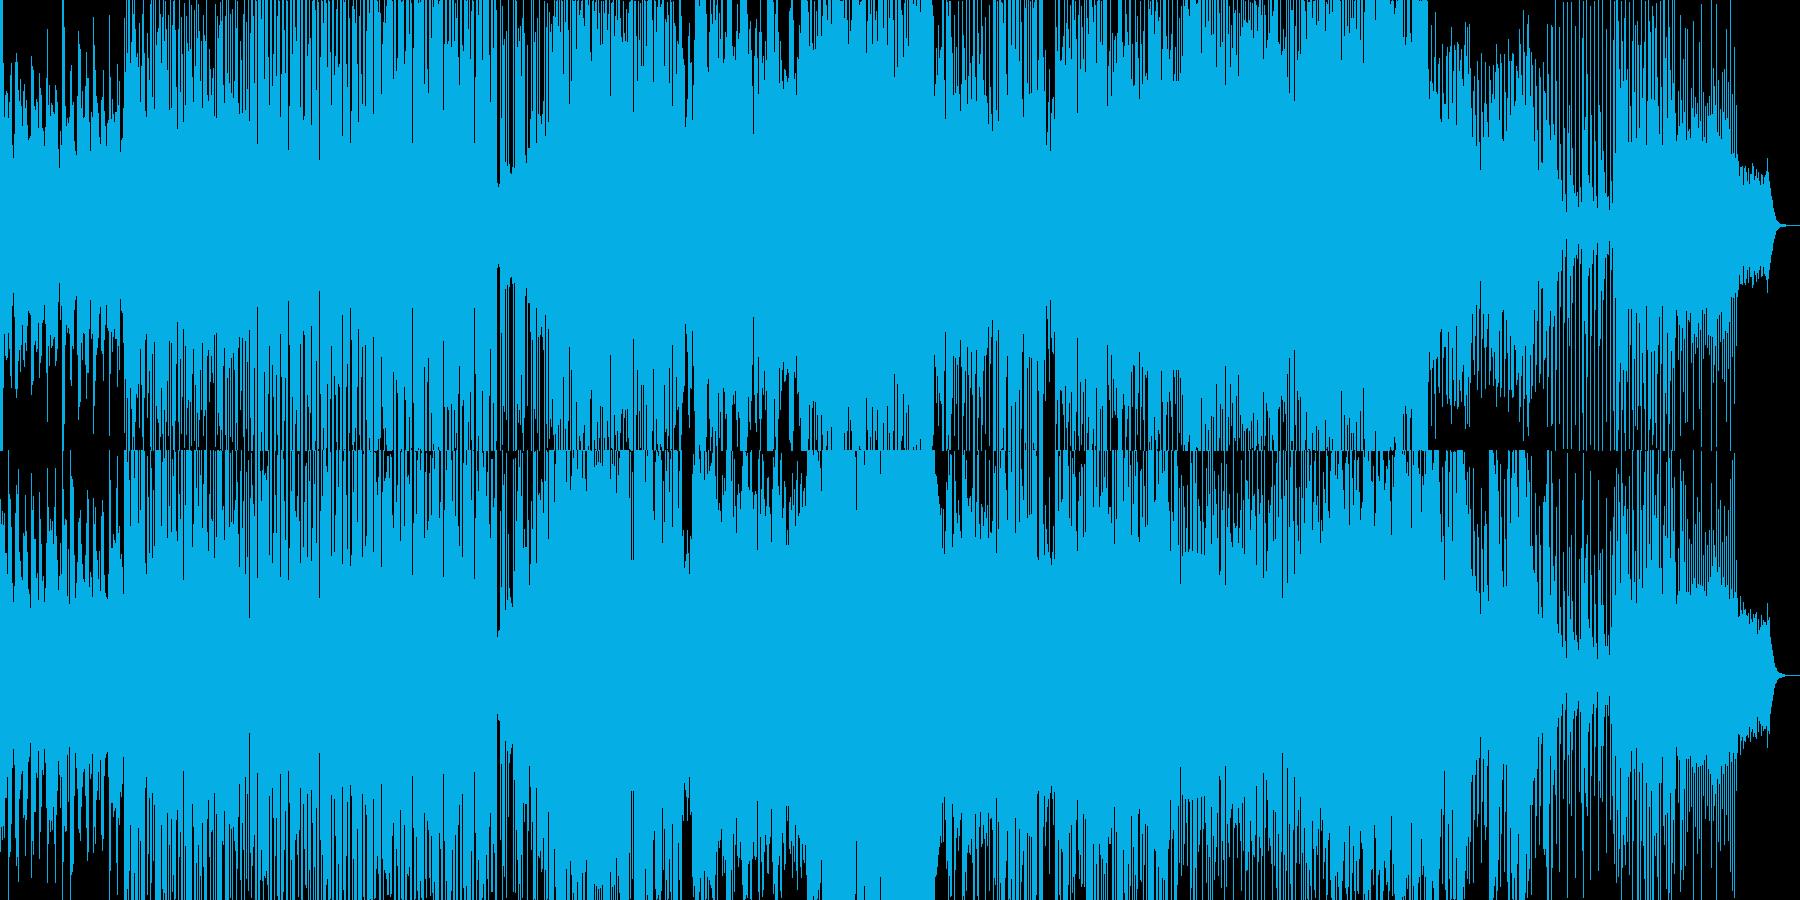 ウェットでドラマティックなBGMの再生済みの波形